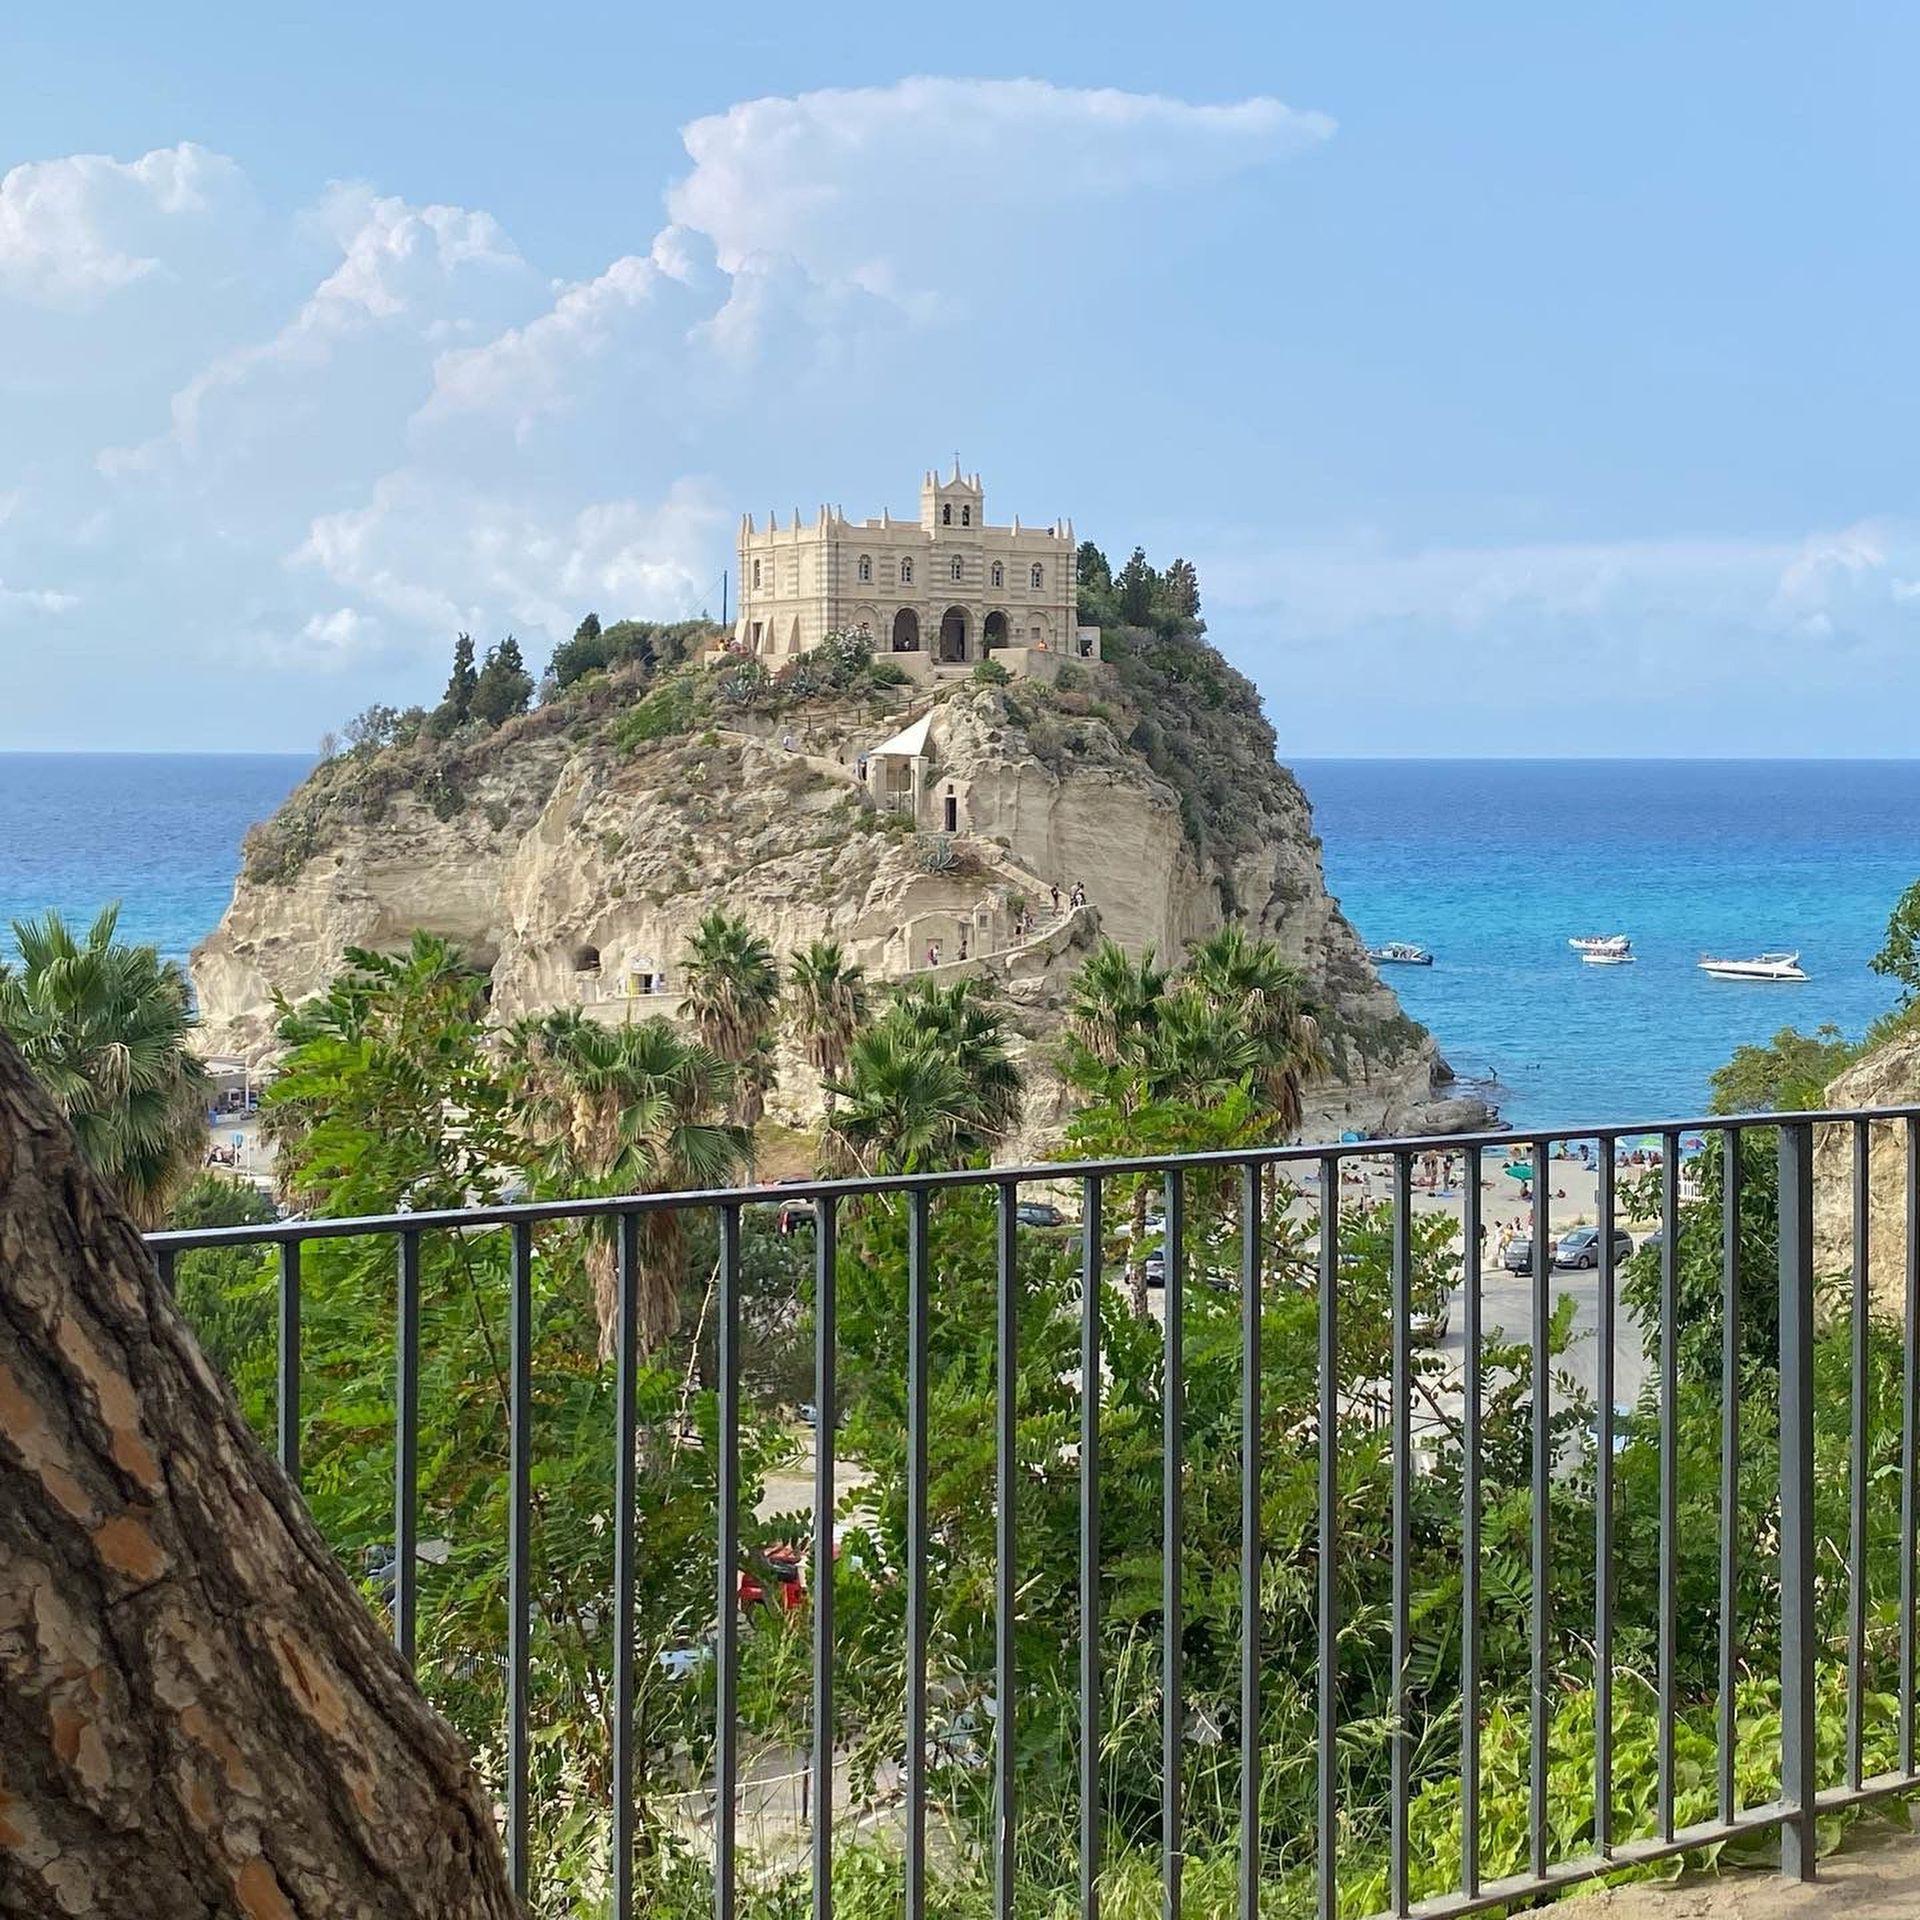 Vistas alucinantes y playas paradisíacas cerca de los pueblitos italianos que venden casas a 1 euro